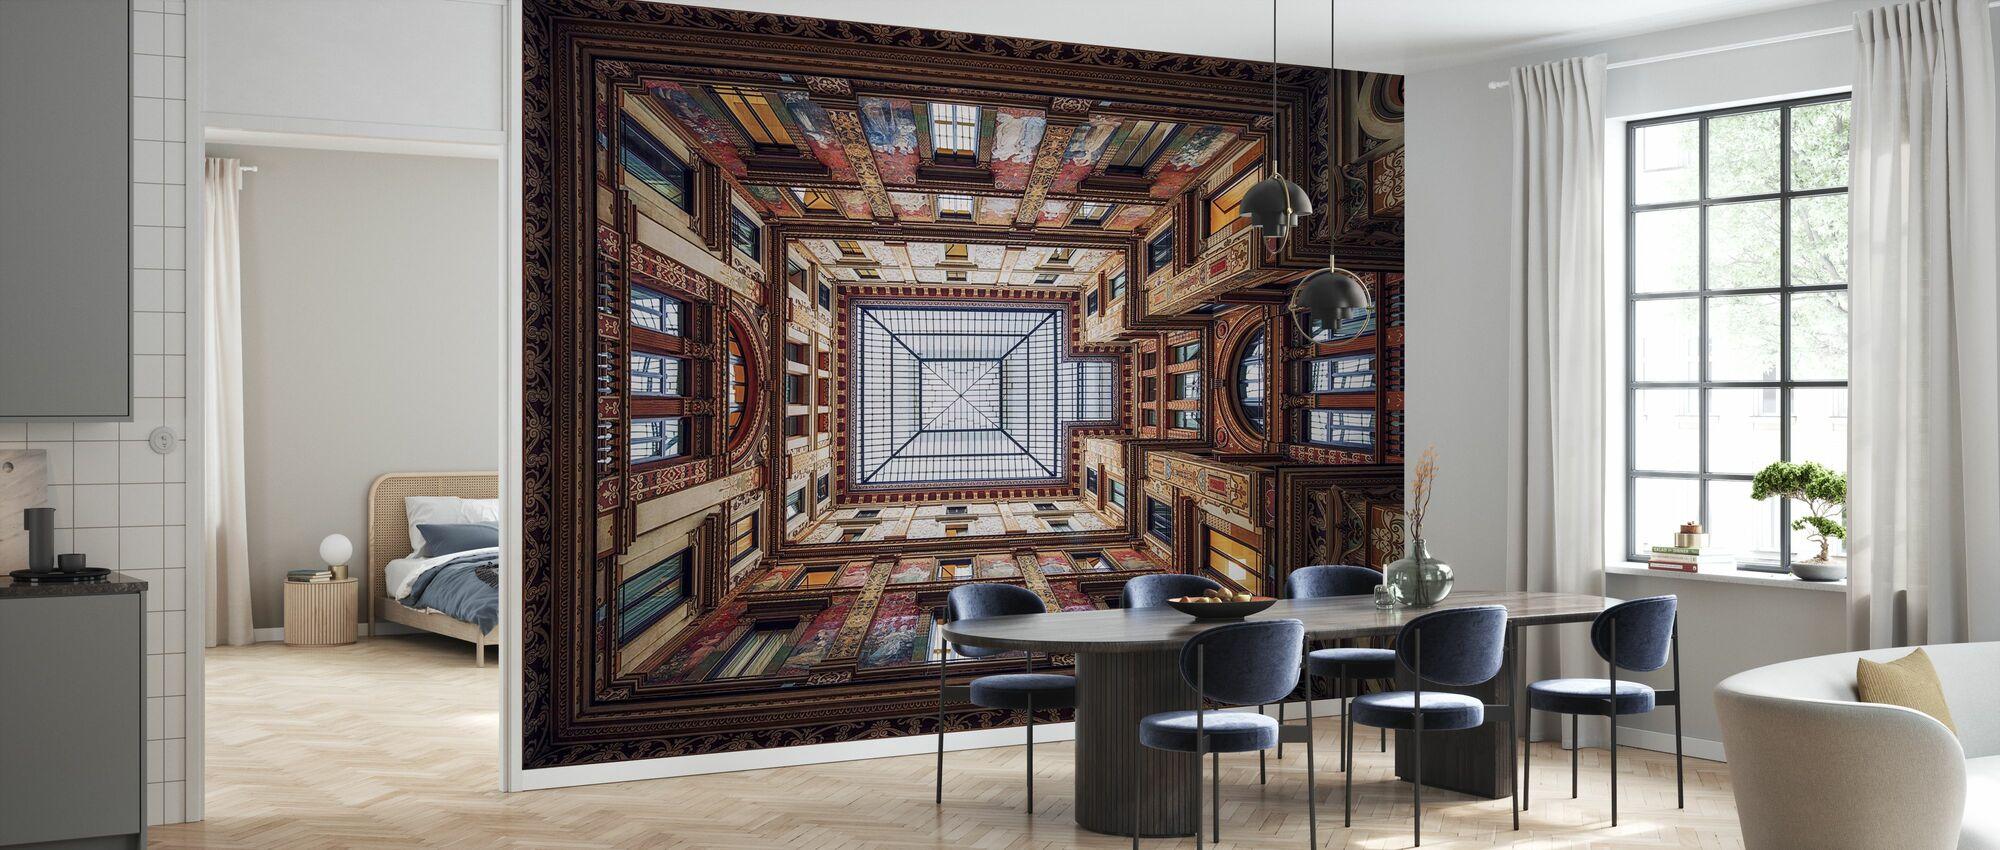 Galleria Sciarra, Rome - Wallpaper - Kitchen